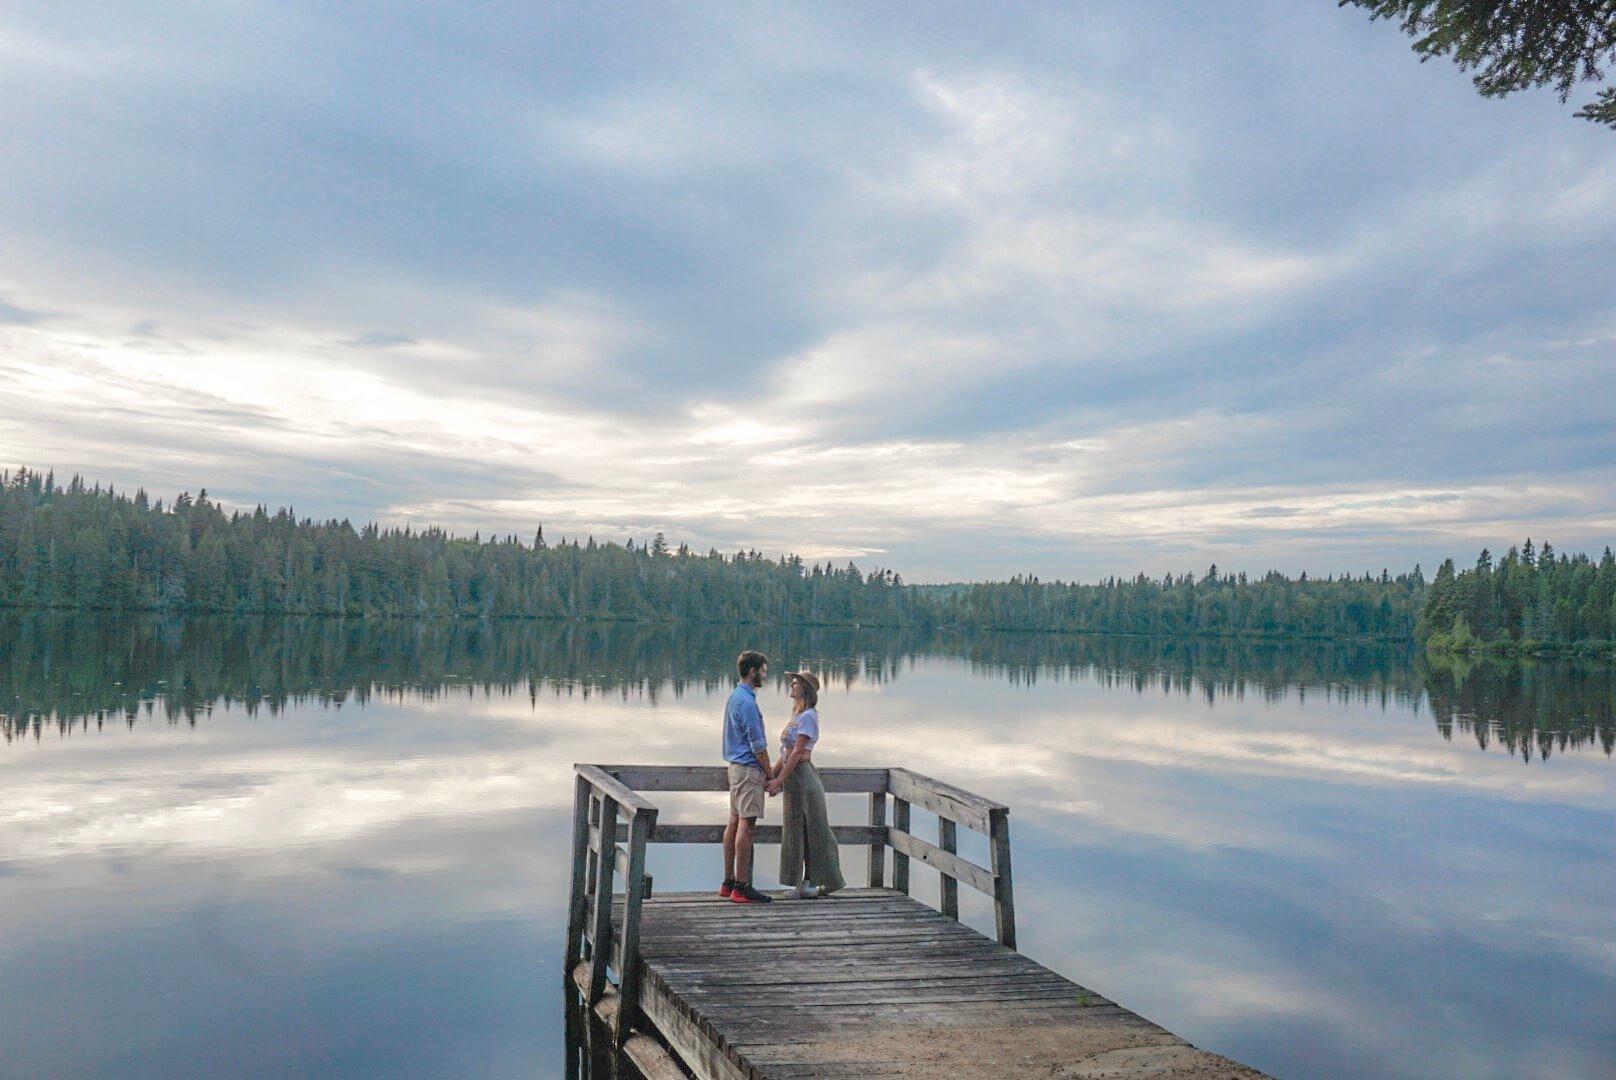 visiter parc du mont tremblant canada quebec van